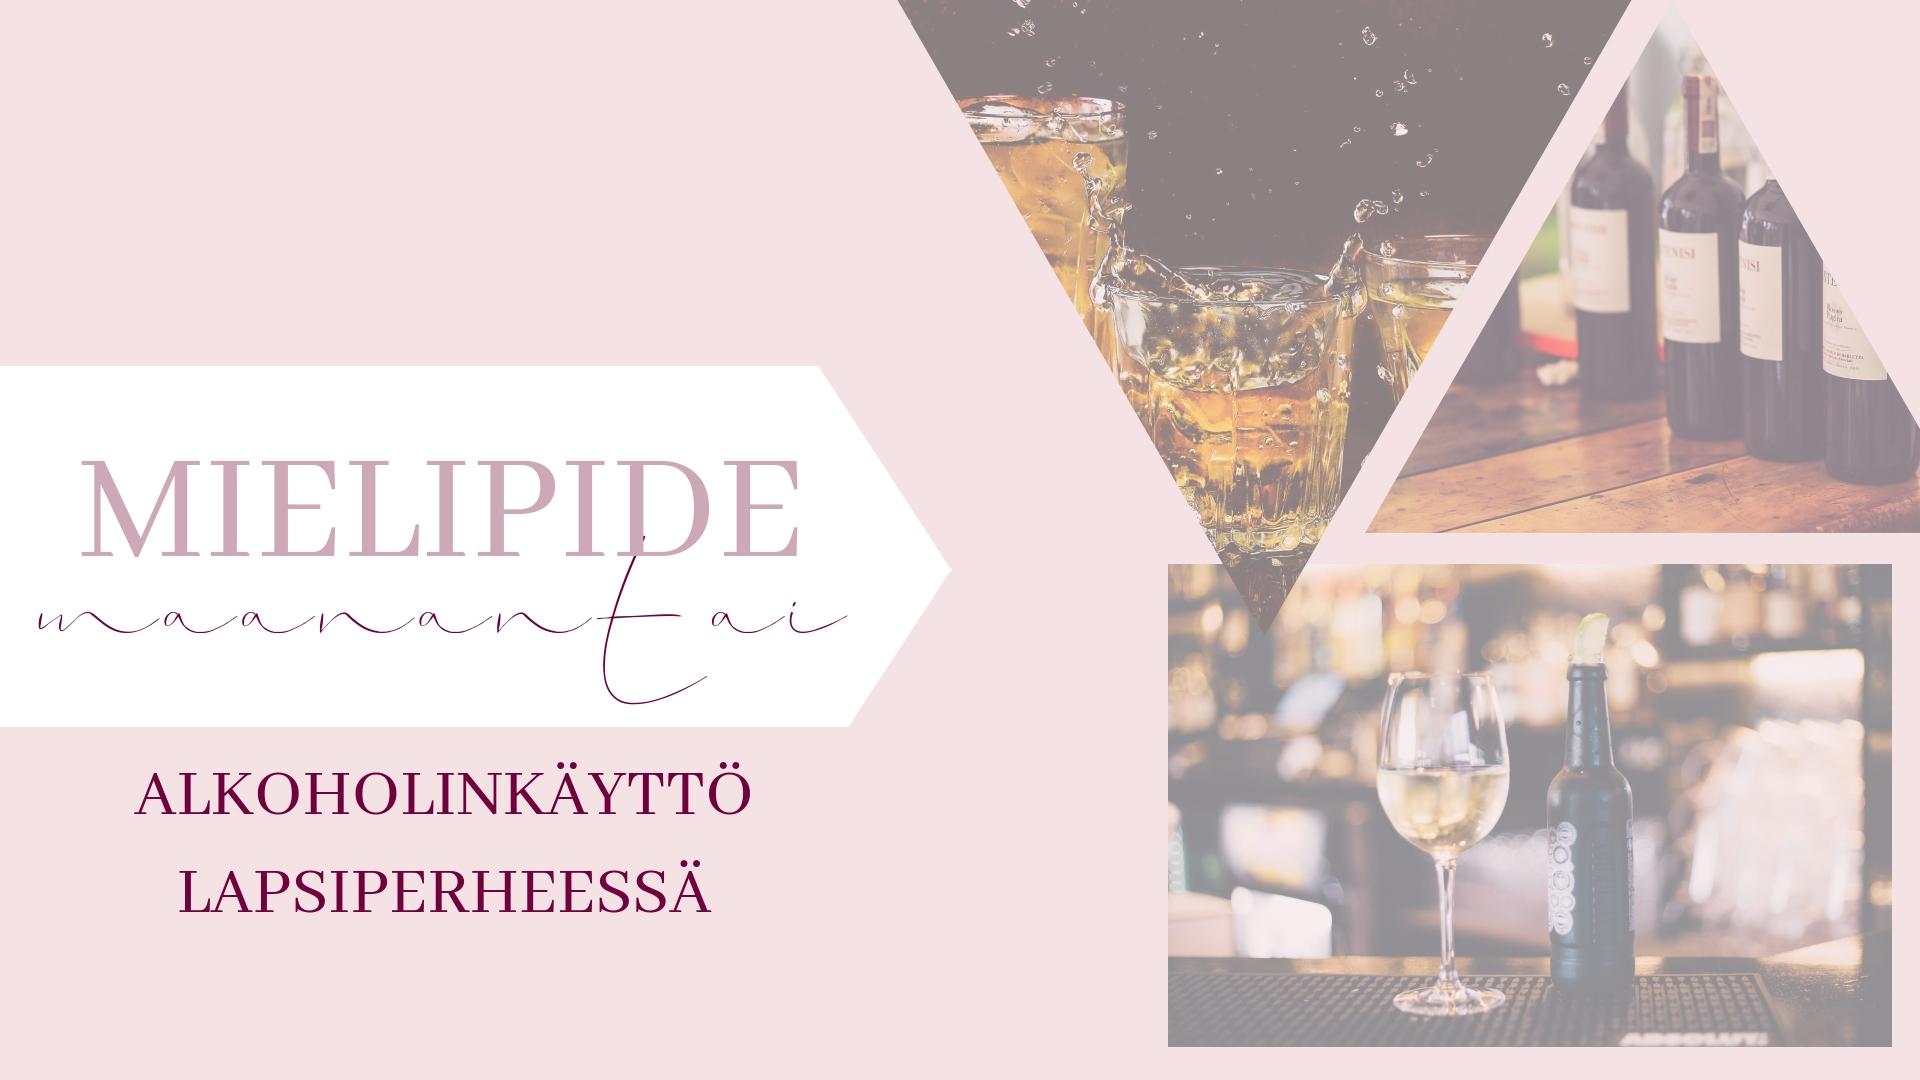 MIELIPIDEMAANANTAI – Miten meidän perheessä käytetään alkoholia?